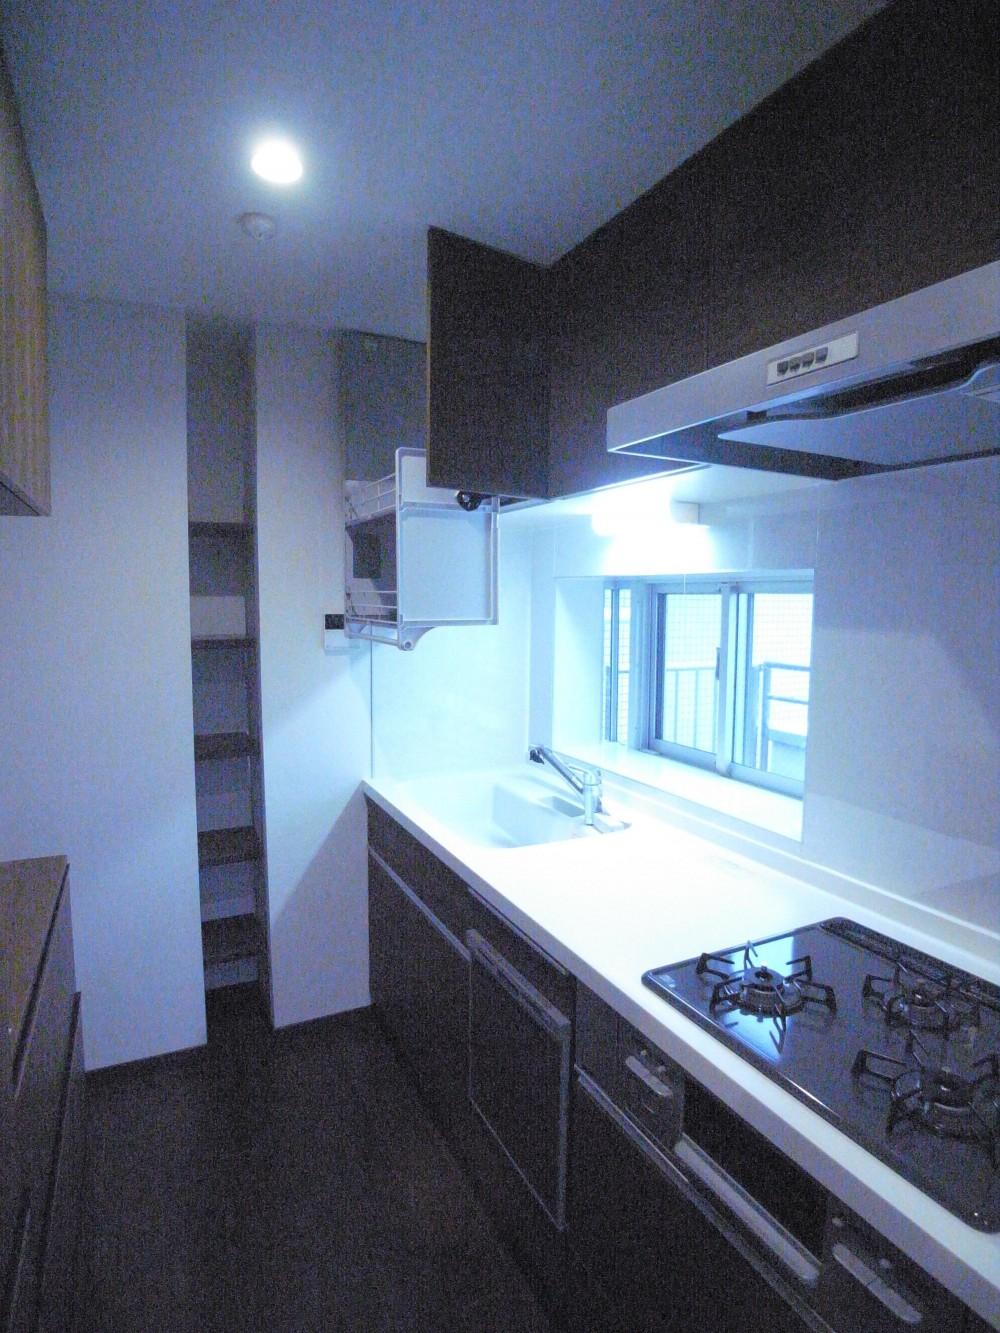 葛飾の一等地に建つ最上階、一部屋(ペントハウス)の魅力あふれるリノベーションマンション (一体感、開放感、使い勝手の共存したキッチン)